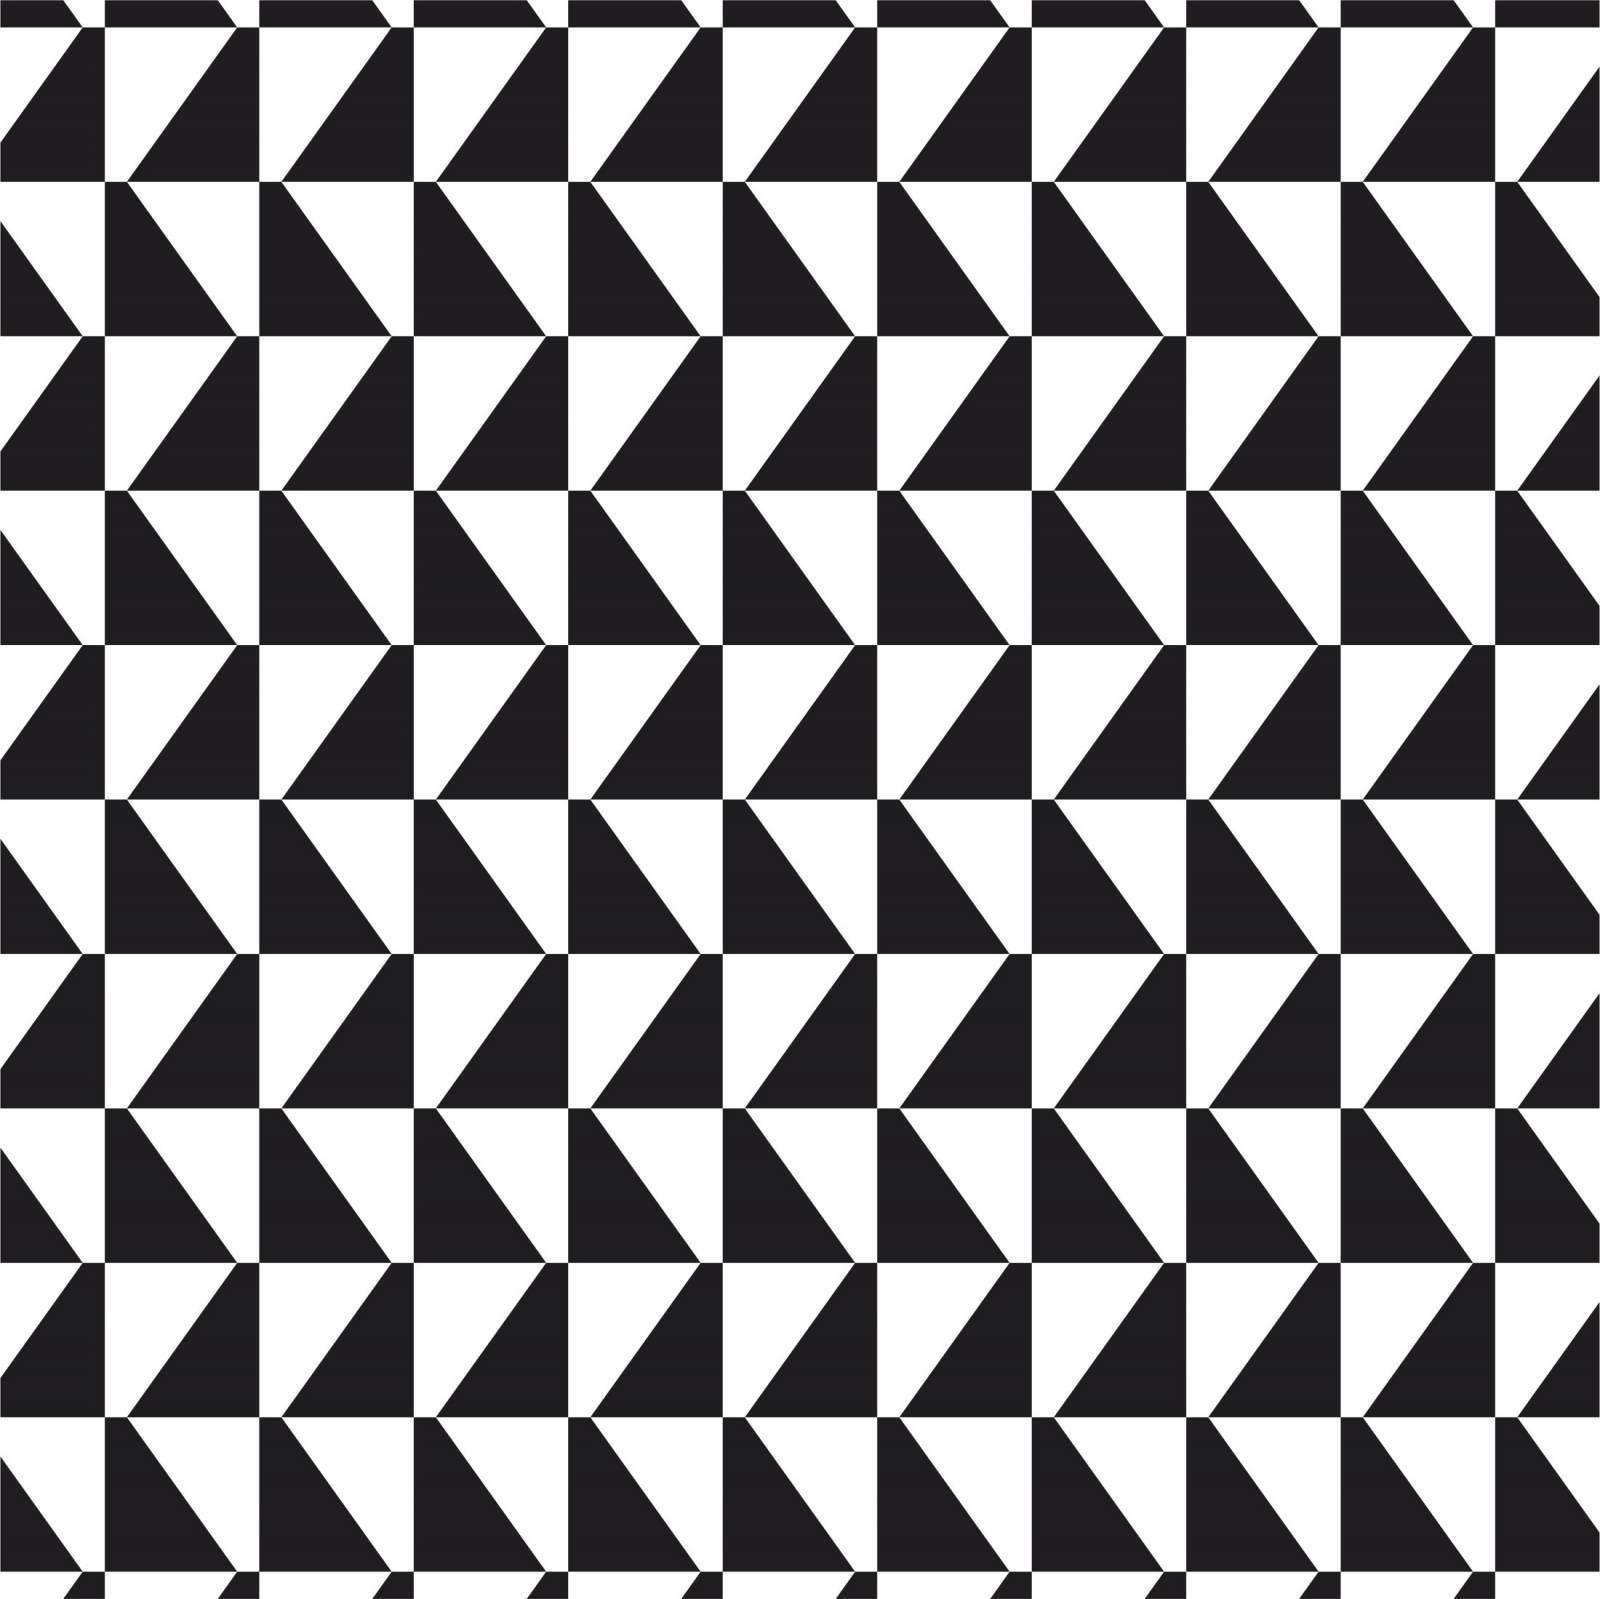 Papel de Parede Geometrico Preto e Branco | Adesivo Vinilico imagem 1